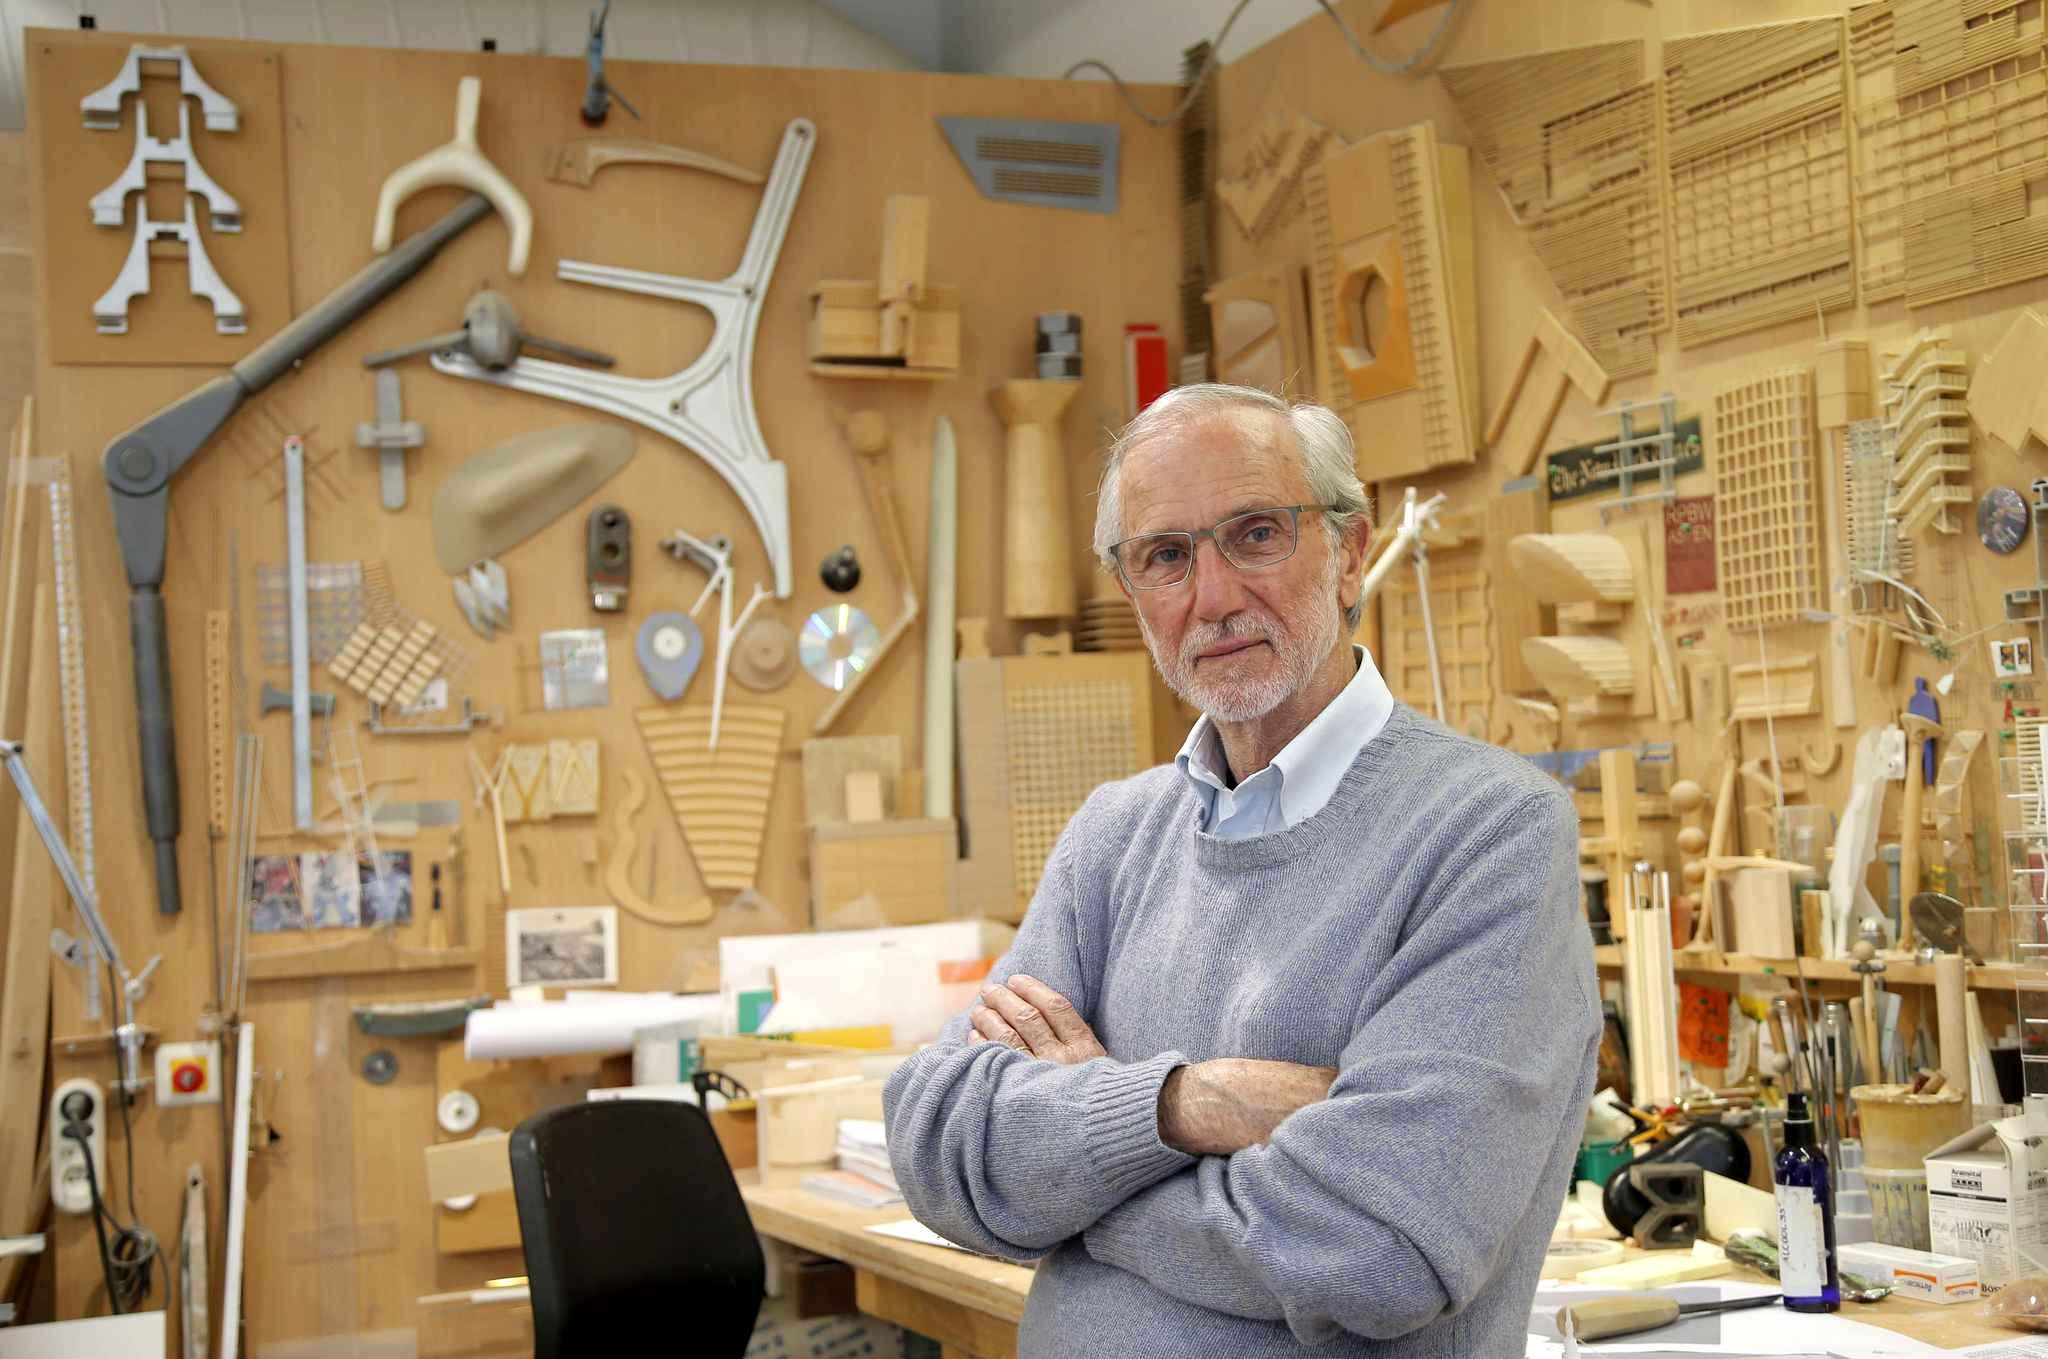 Happy 80th birthday Renzo Piano!